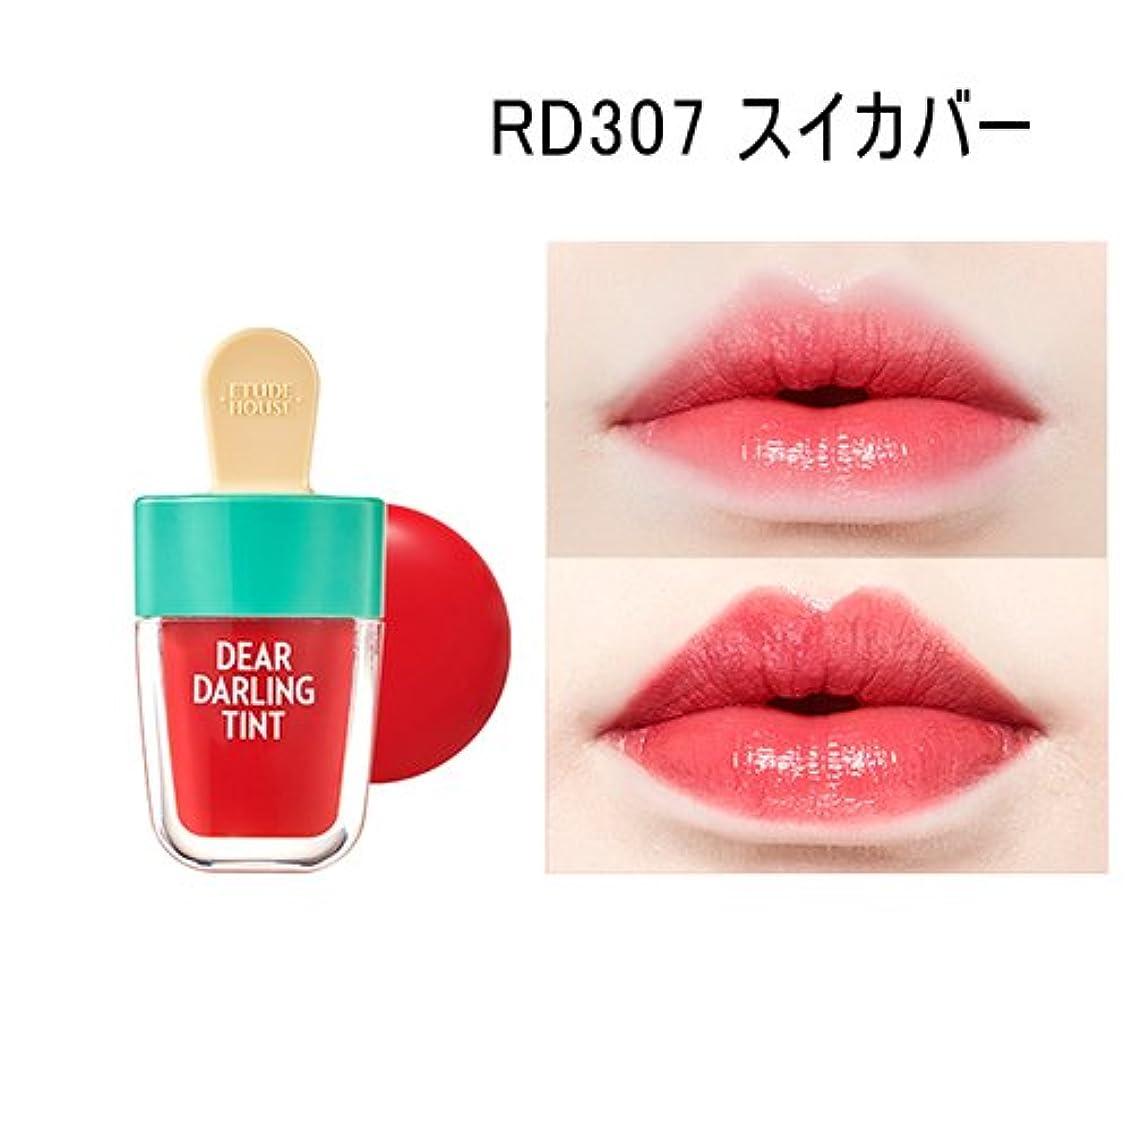 弾性肉介入するEtude House(エチュードハウス) [夏限定]ディアー ダーリン ウォータージェル ティント/Dear Darling Water Gel Tint(4.5g) (RD307(スイカレッド)) [並行輸入品]